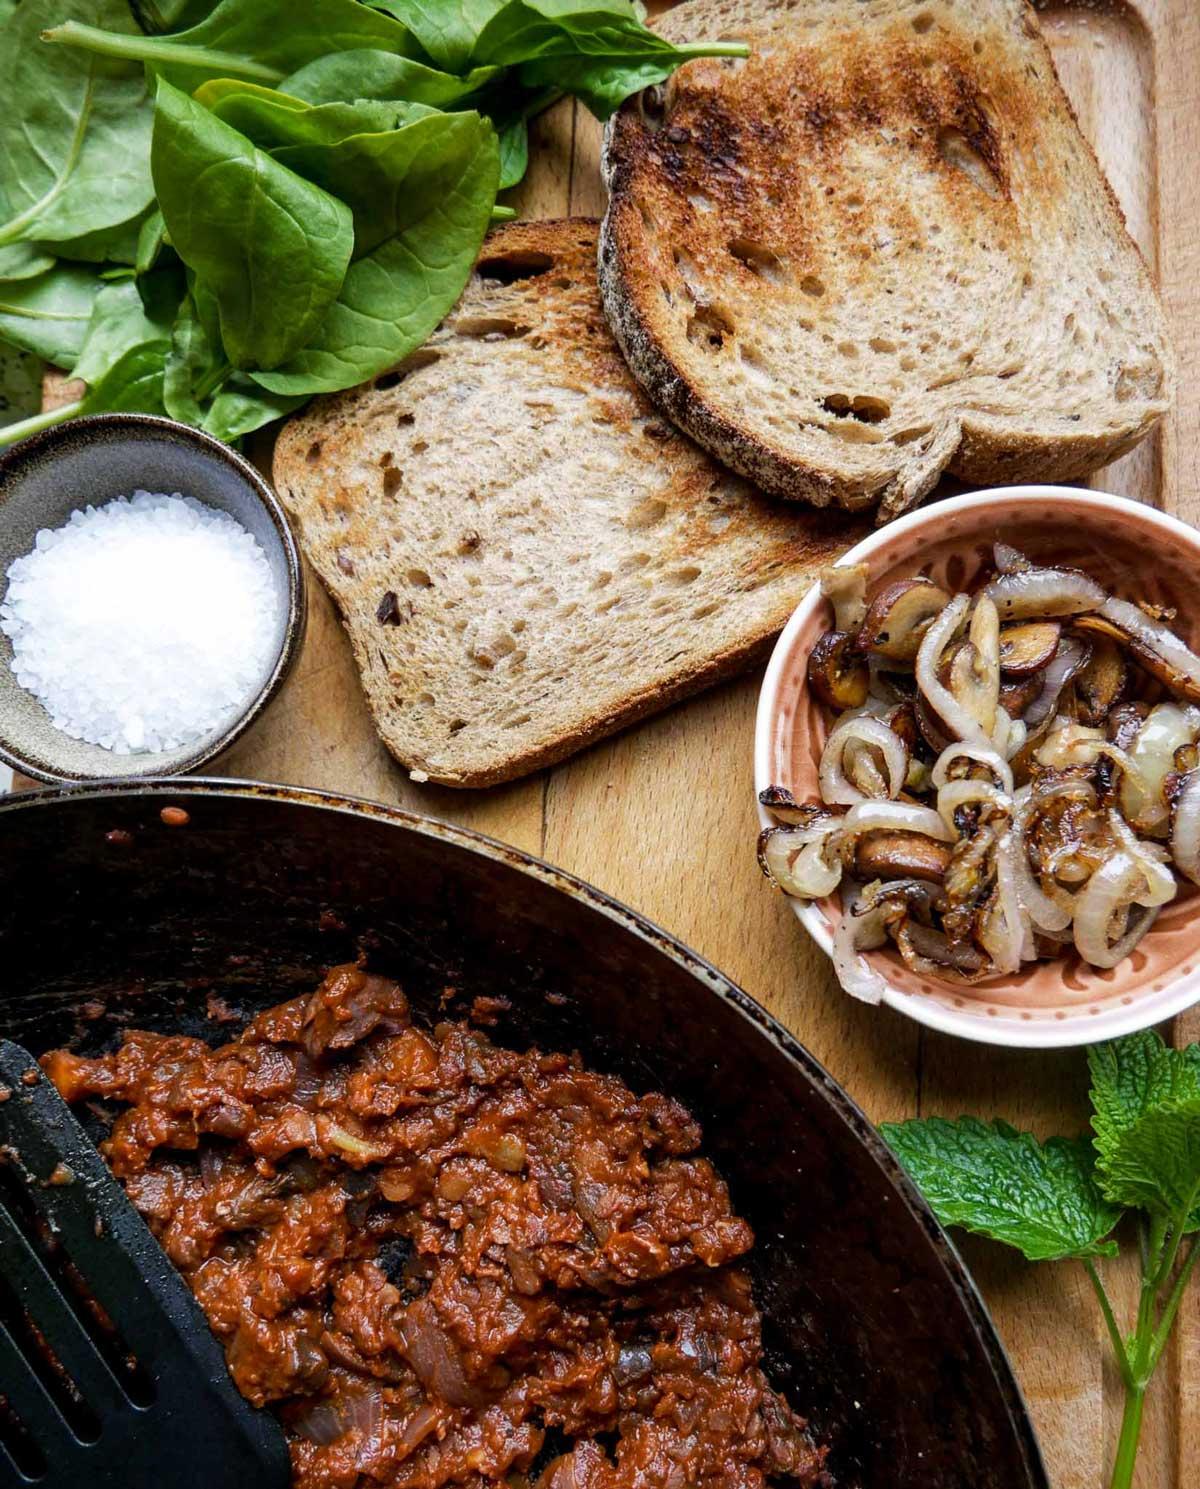 ingredienser til toast med svampe løg og kødsovs